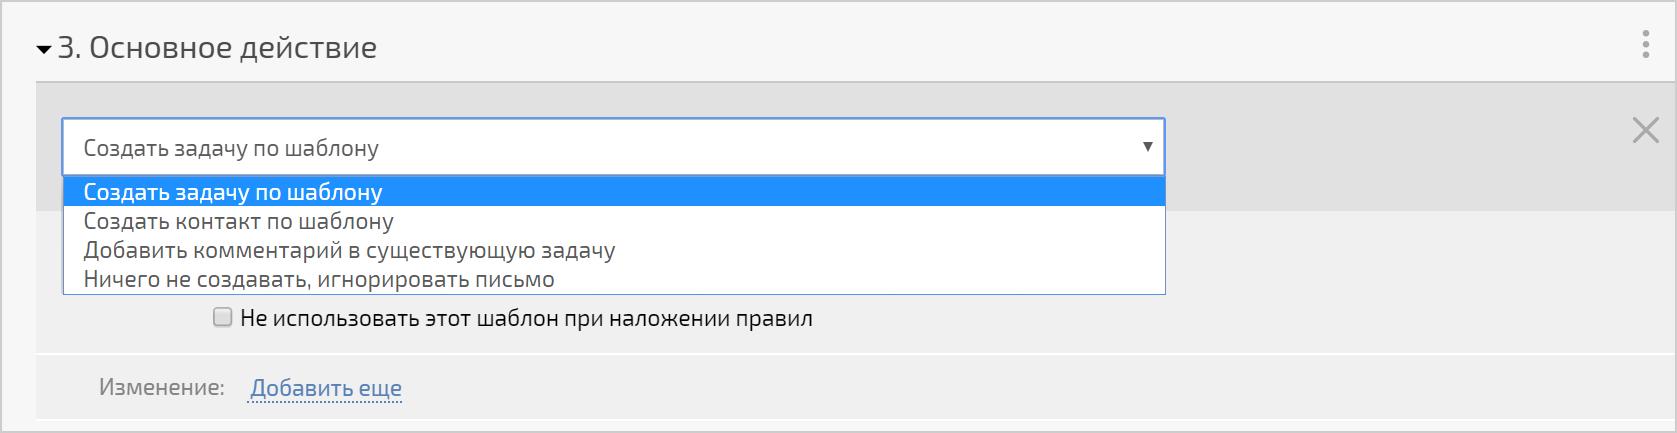 Создание задачи по шаблону из письма в ПланФиксе